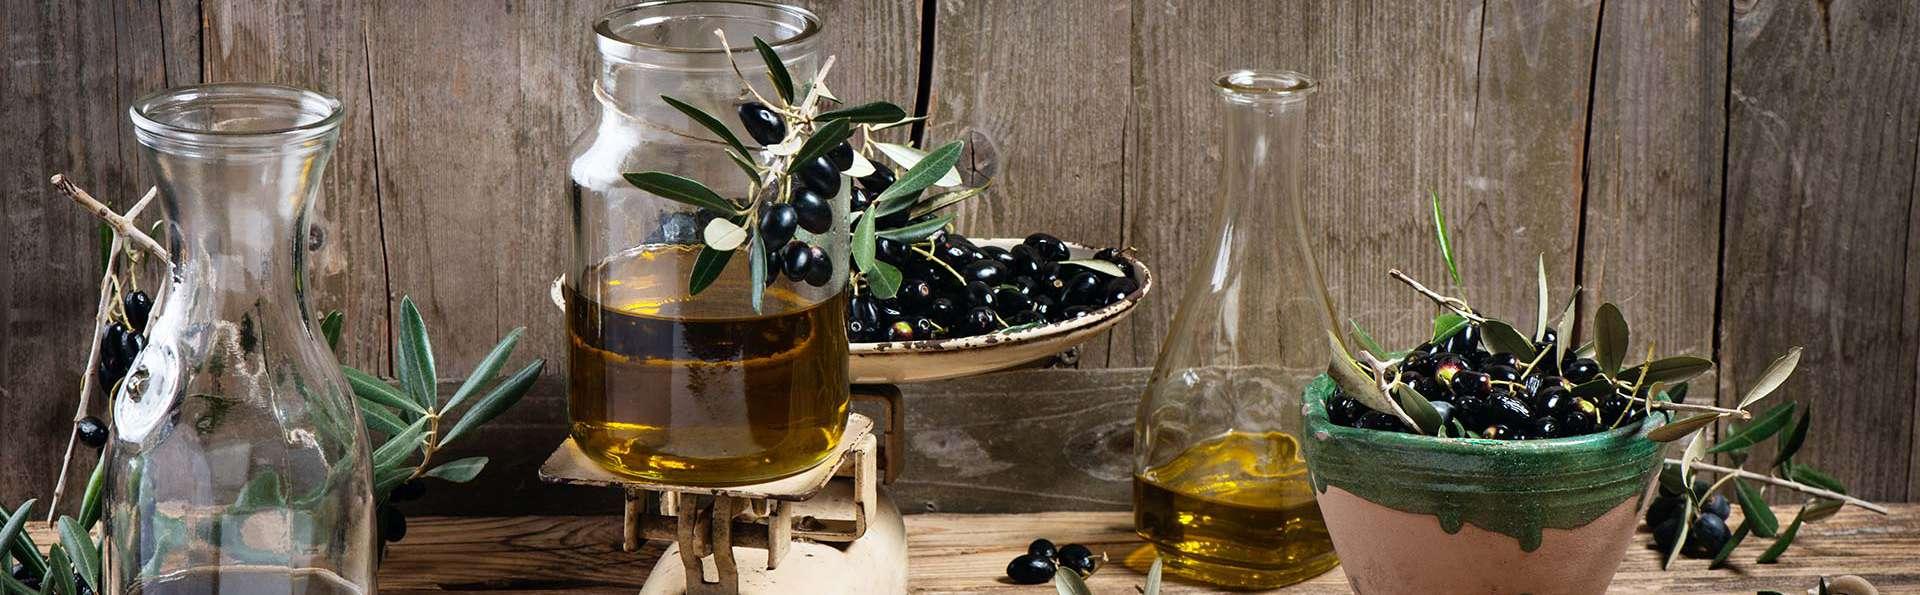 Raguse en maison 4*, visite du domaine et dégustation de leur production d'huiles